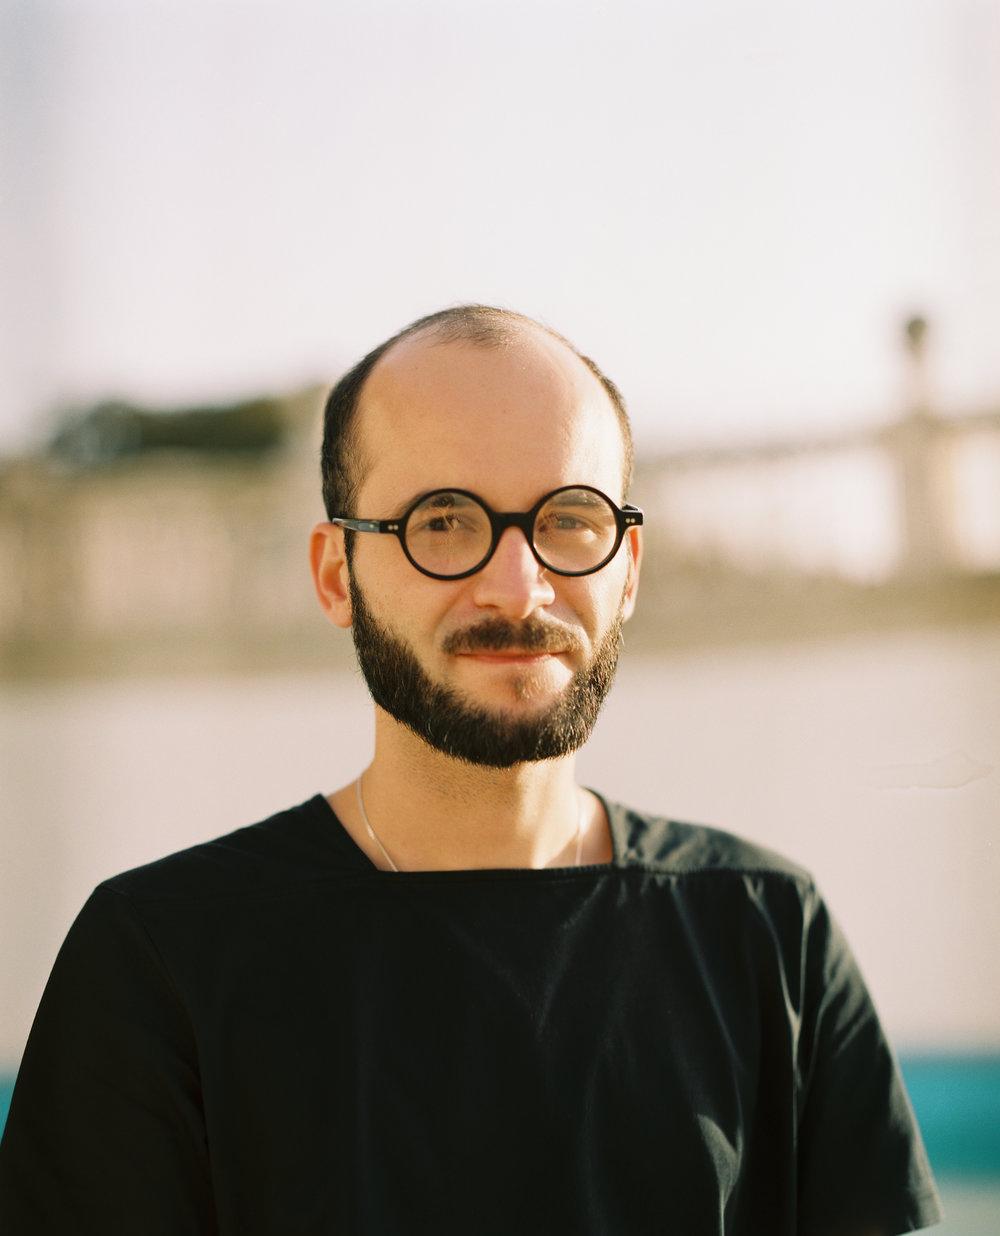 Horácio Frutuoso, Artist, portraits, 2017